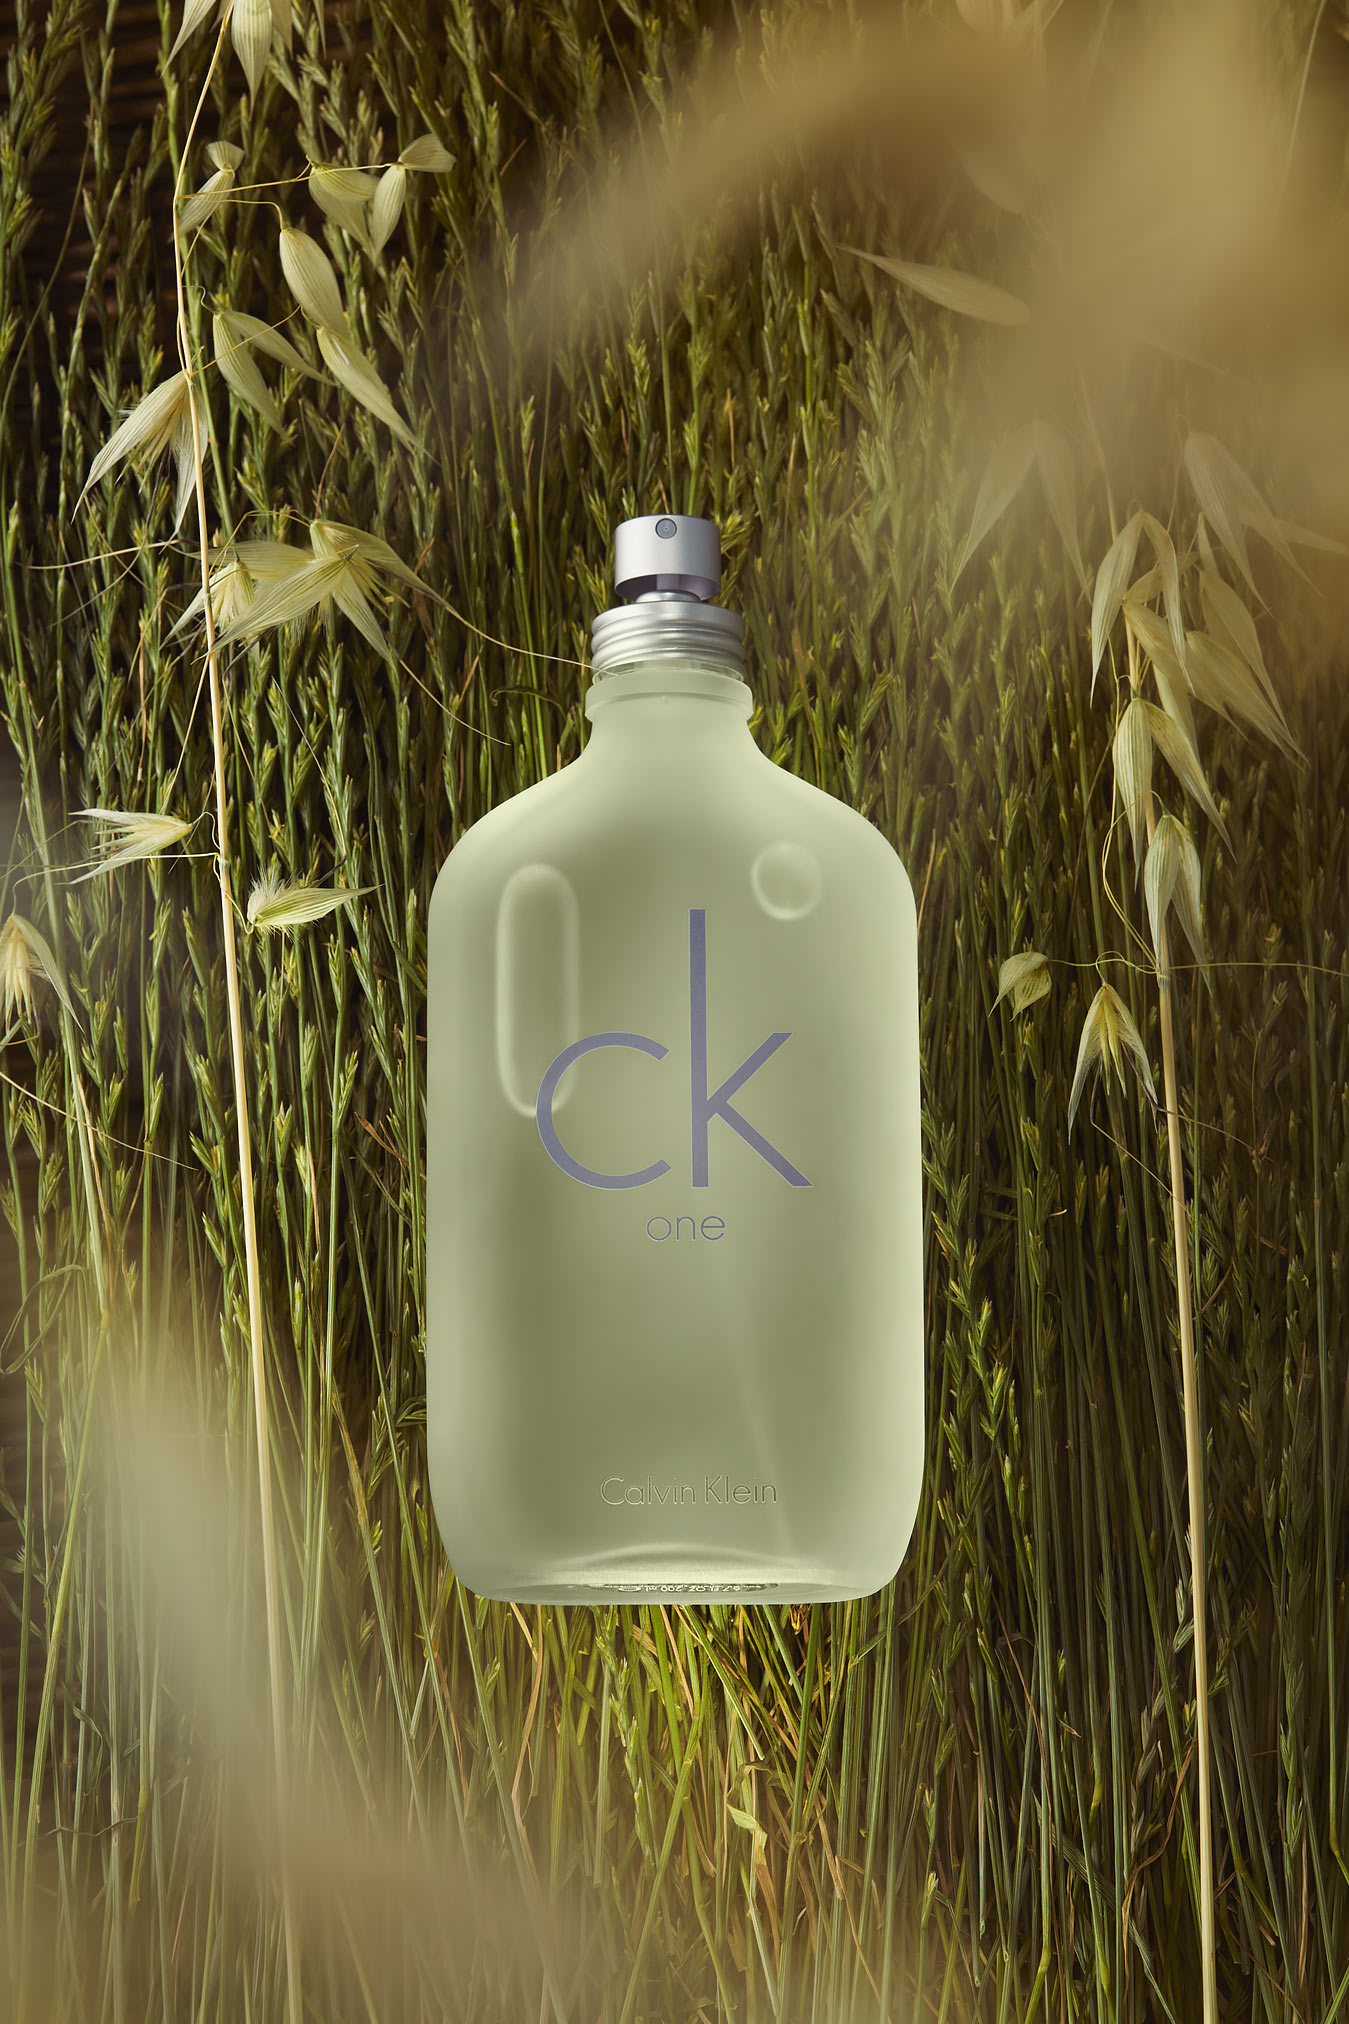 C K - One